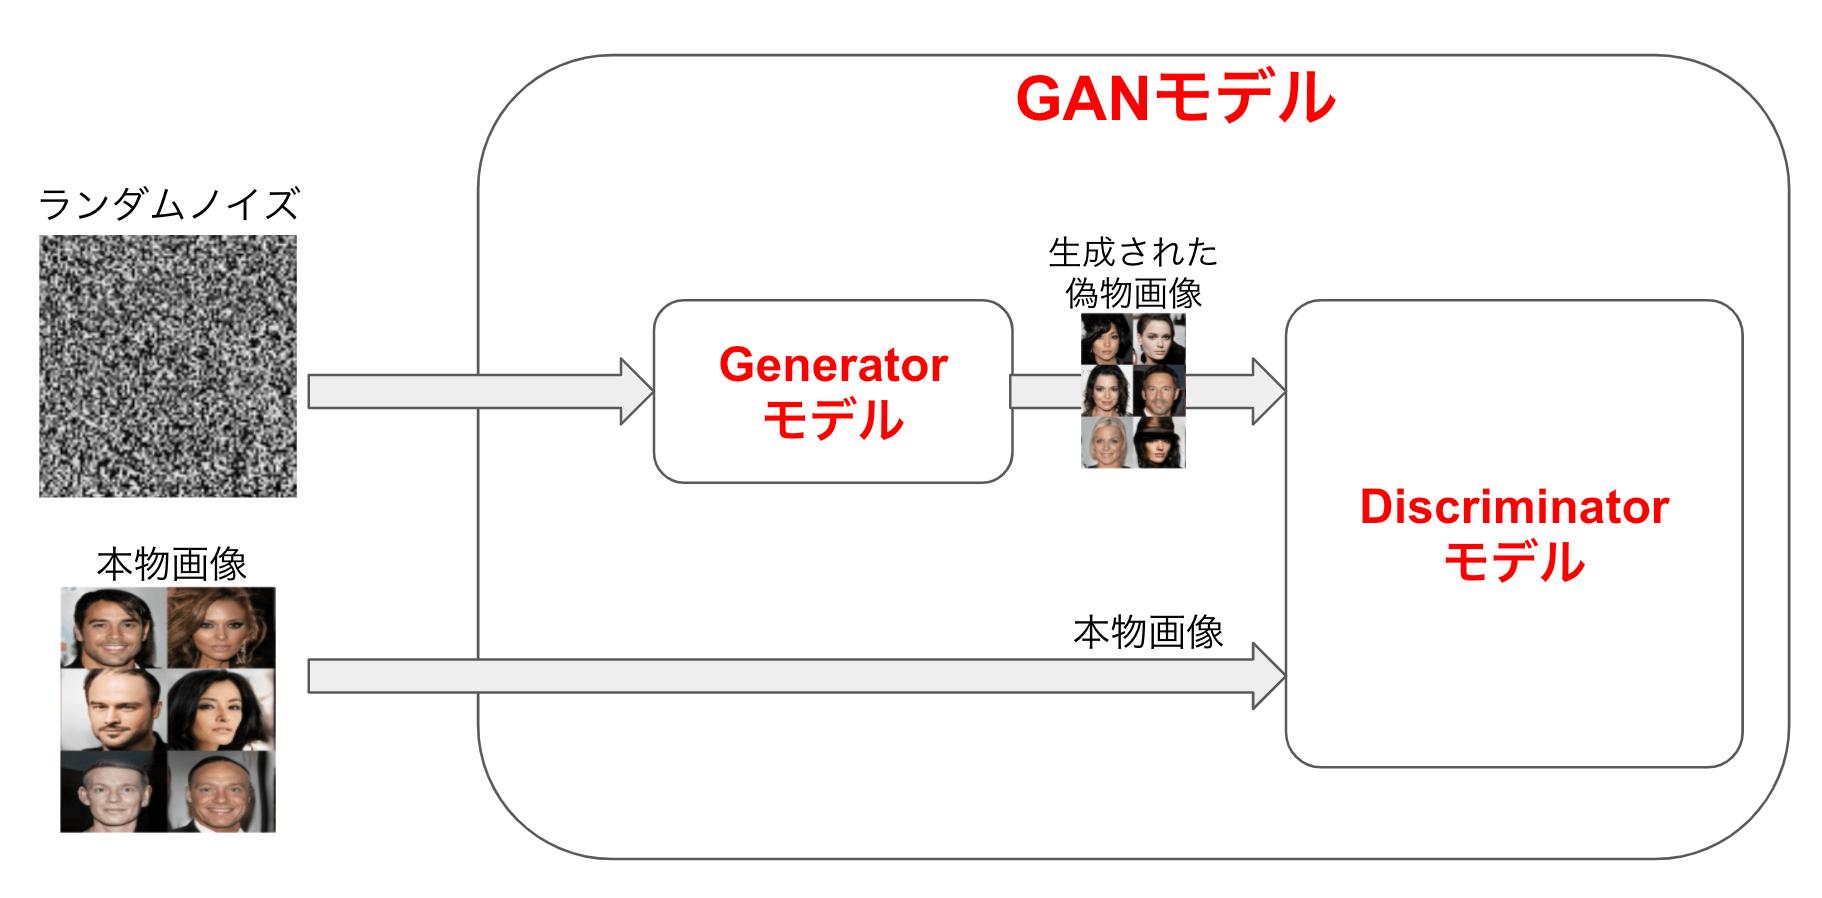 GANのモデル概要 GANの中身は、Generator(以下G)と呼ばれるモデルとDiscriminator(以下D)と呼ばれるモデルの2つで構成される。